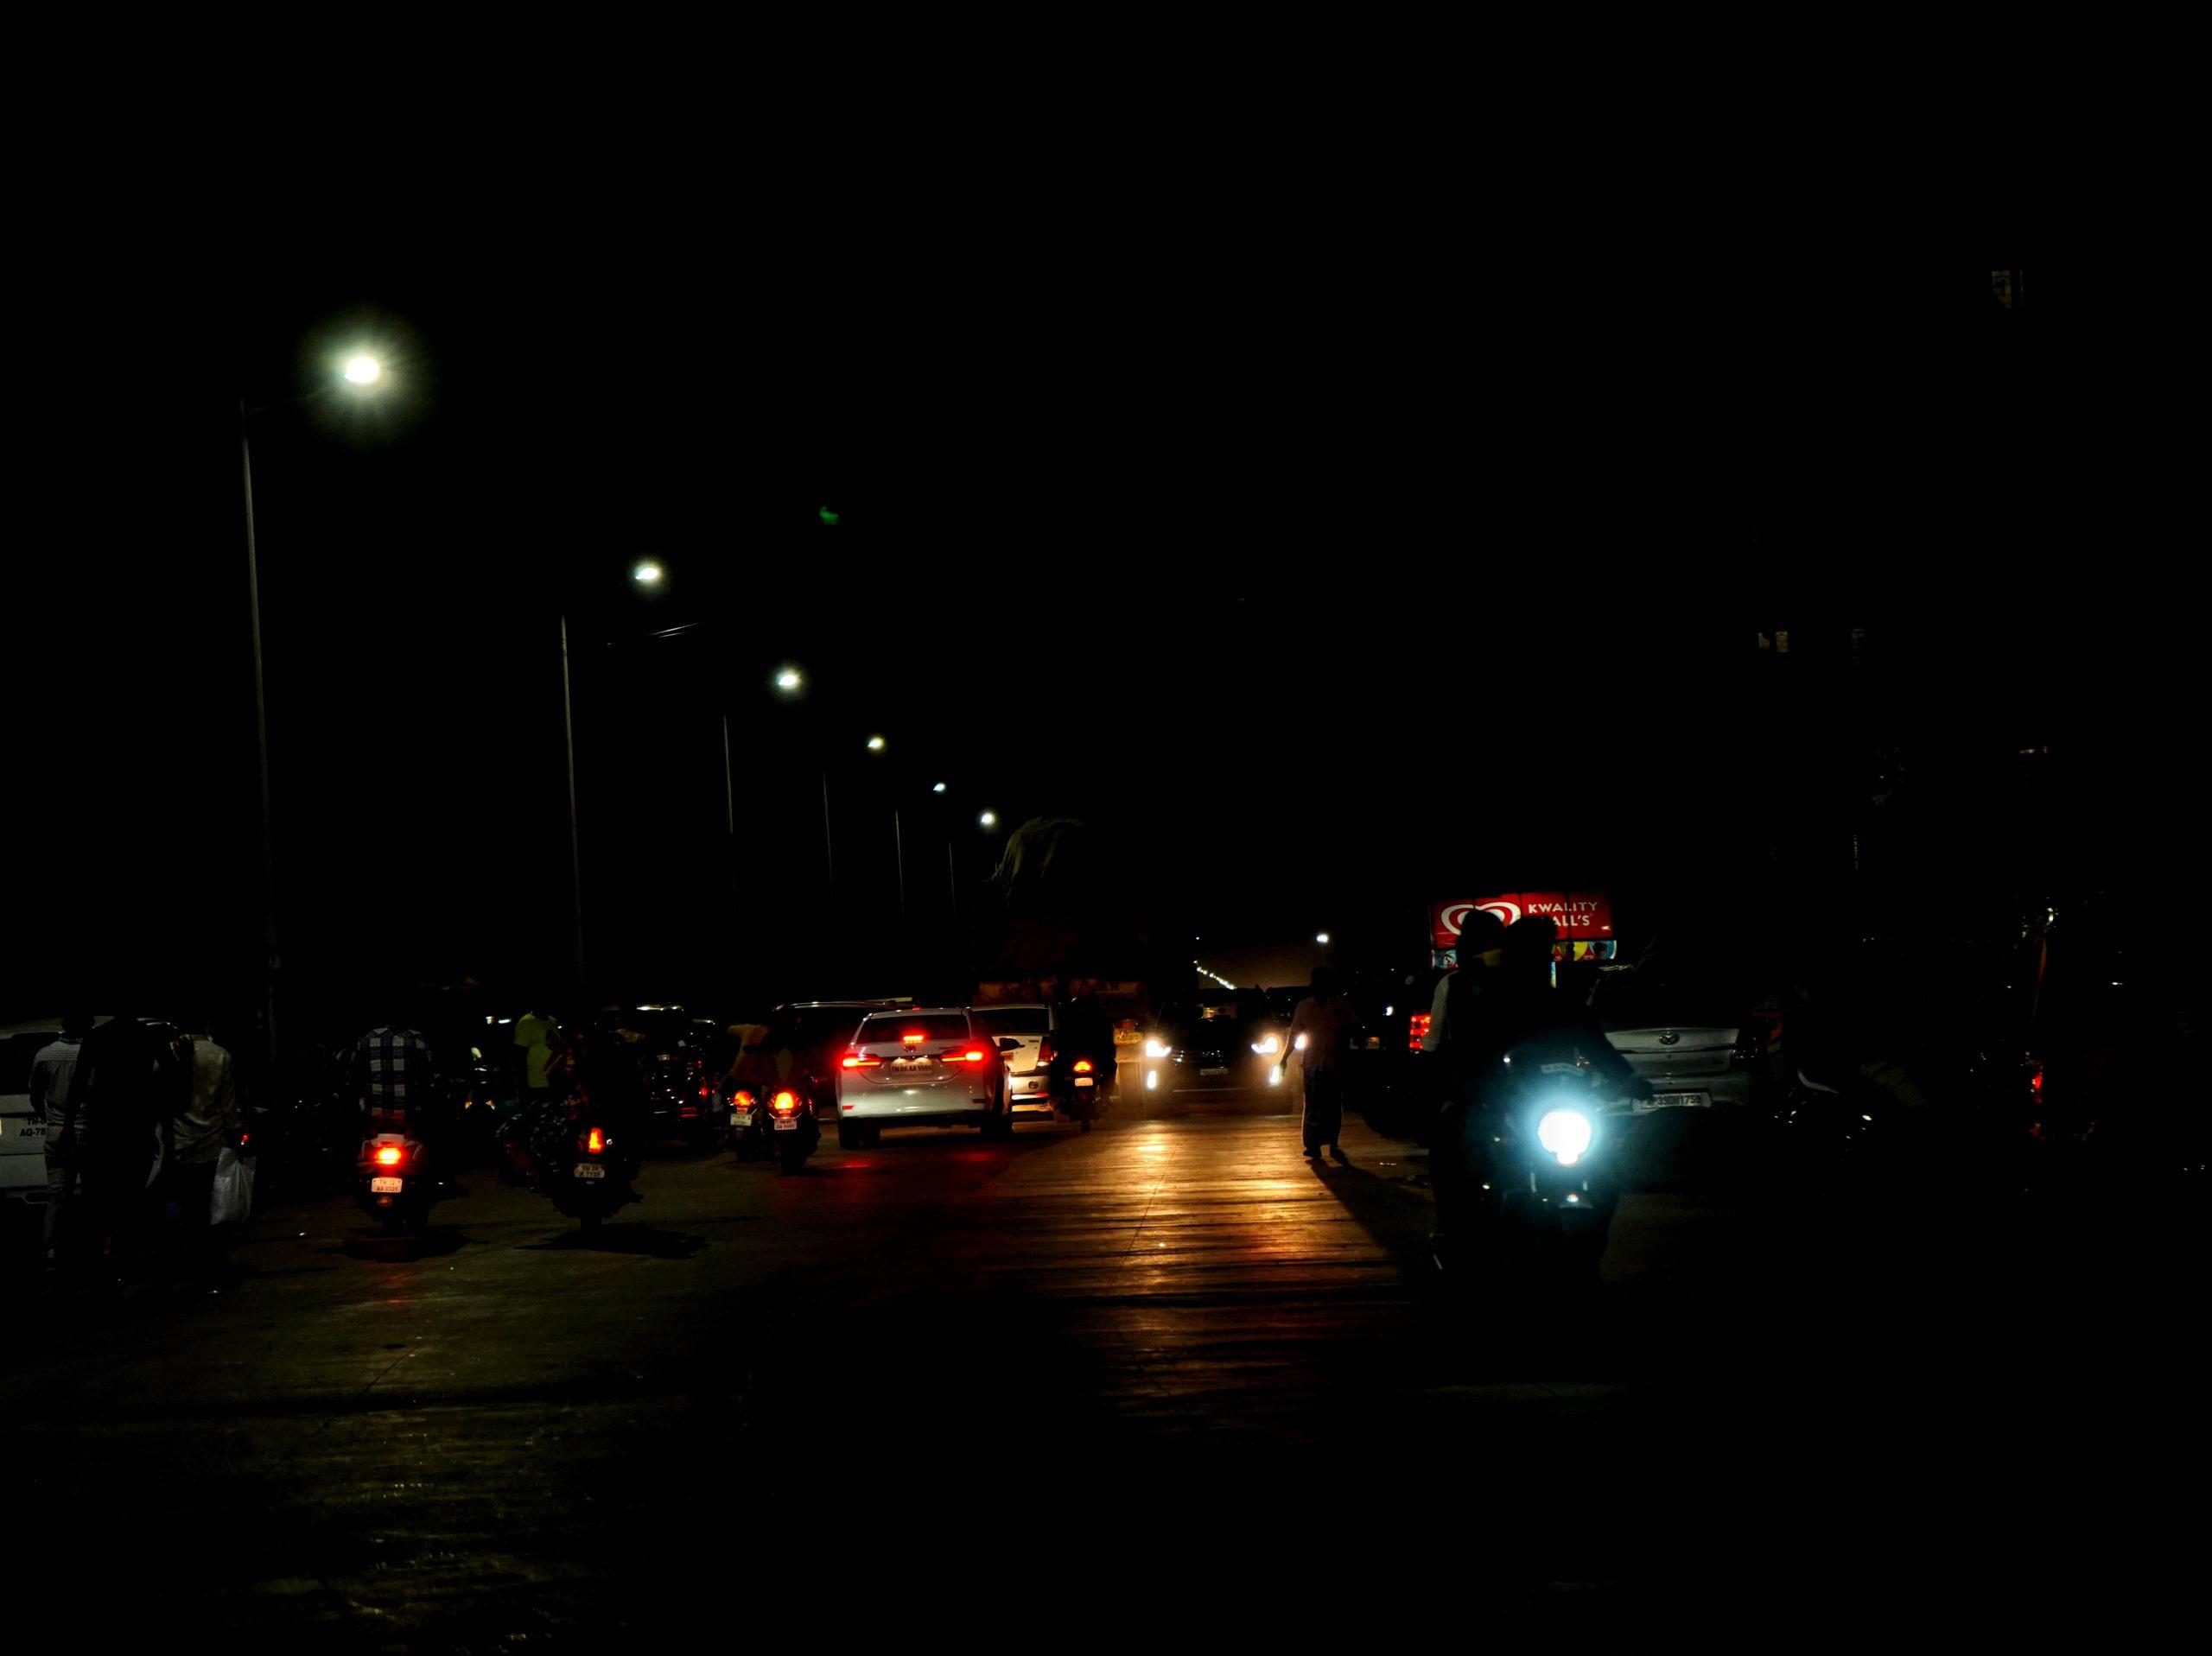 Traffic during night